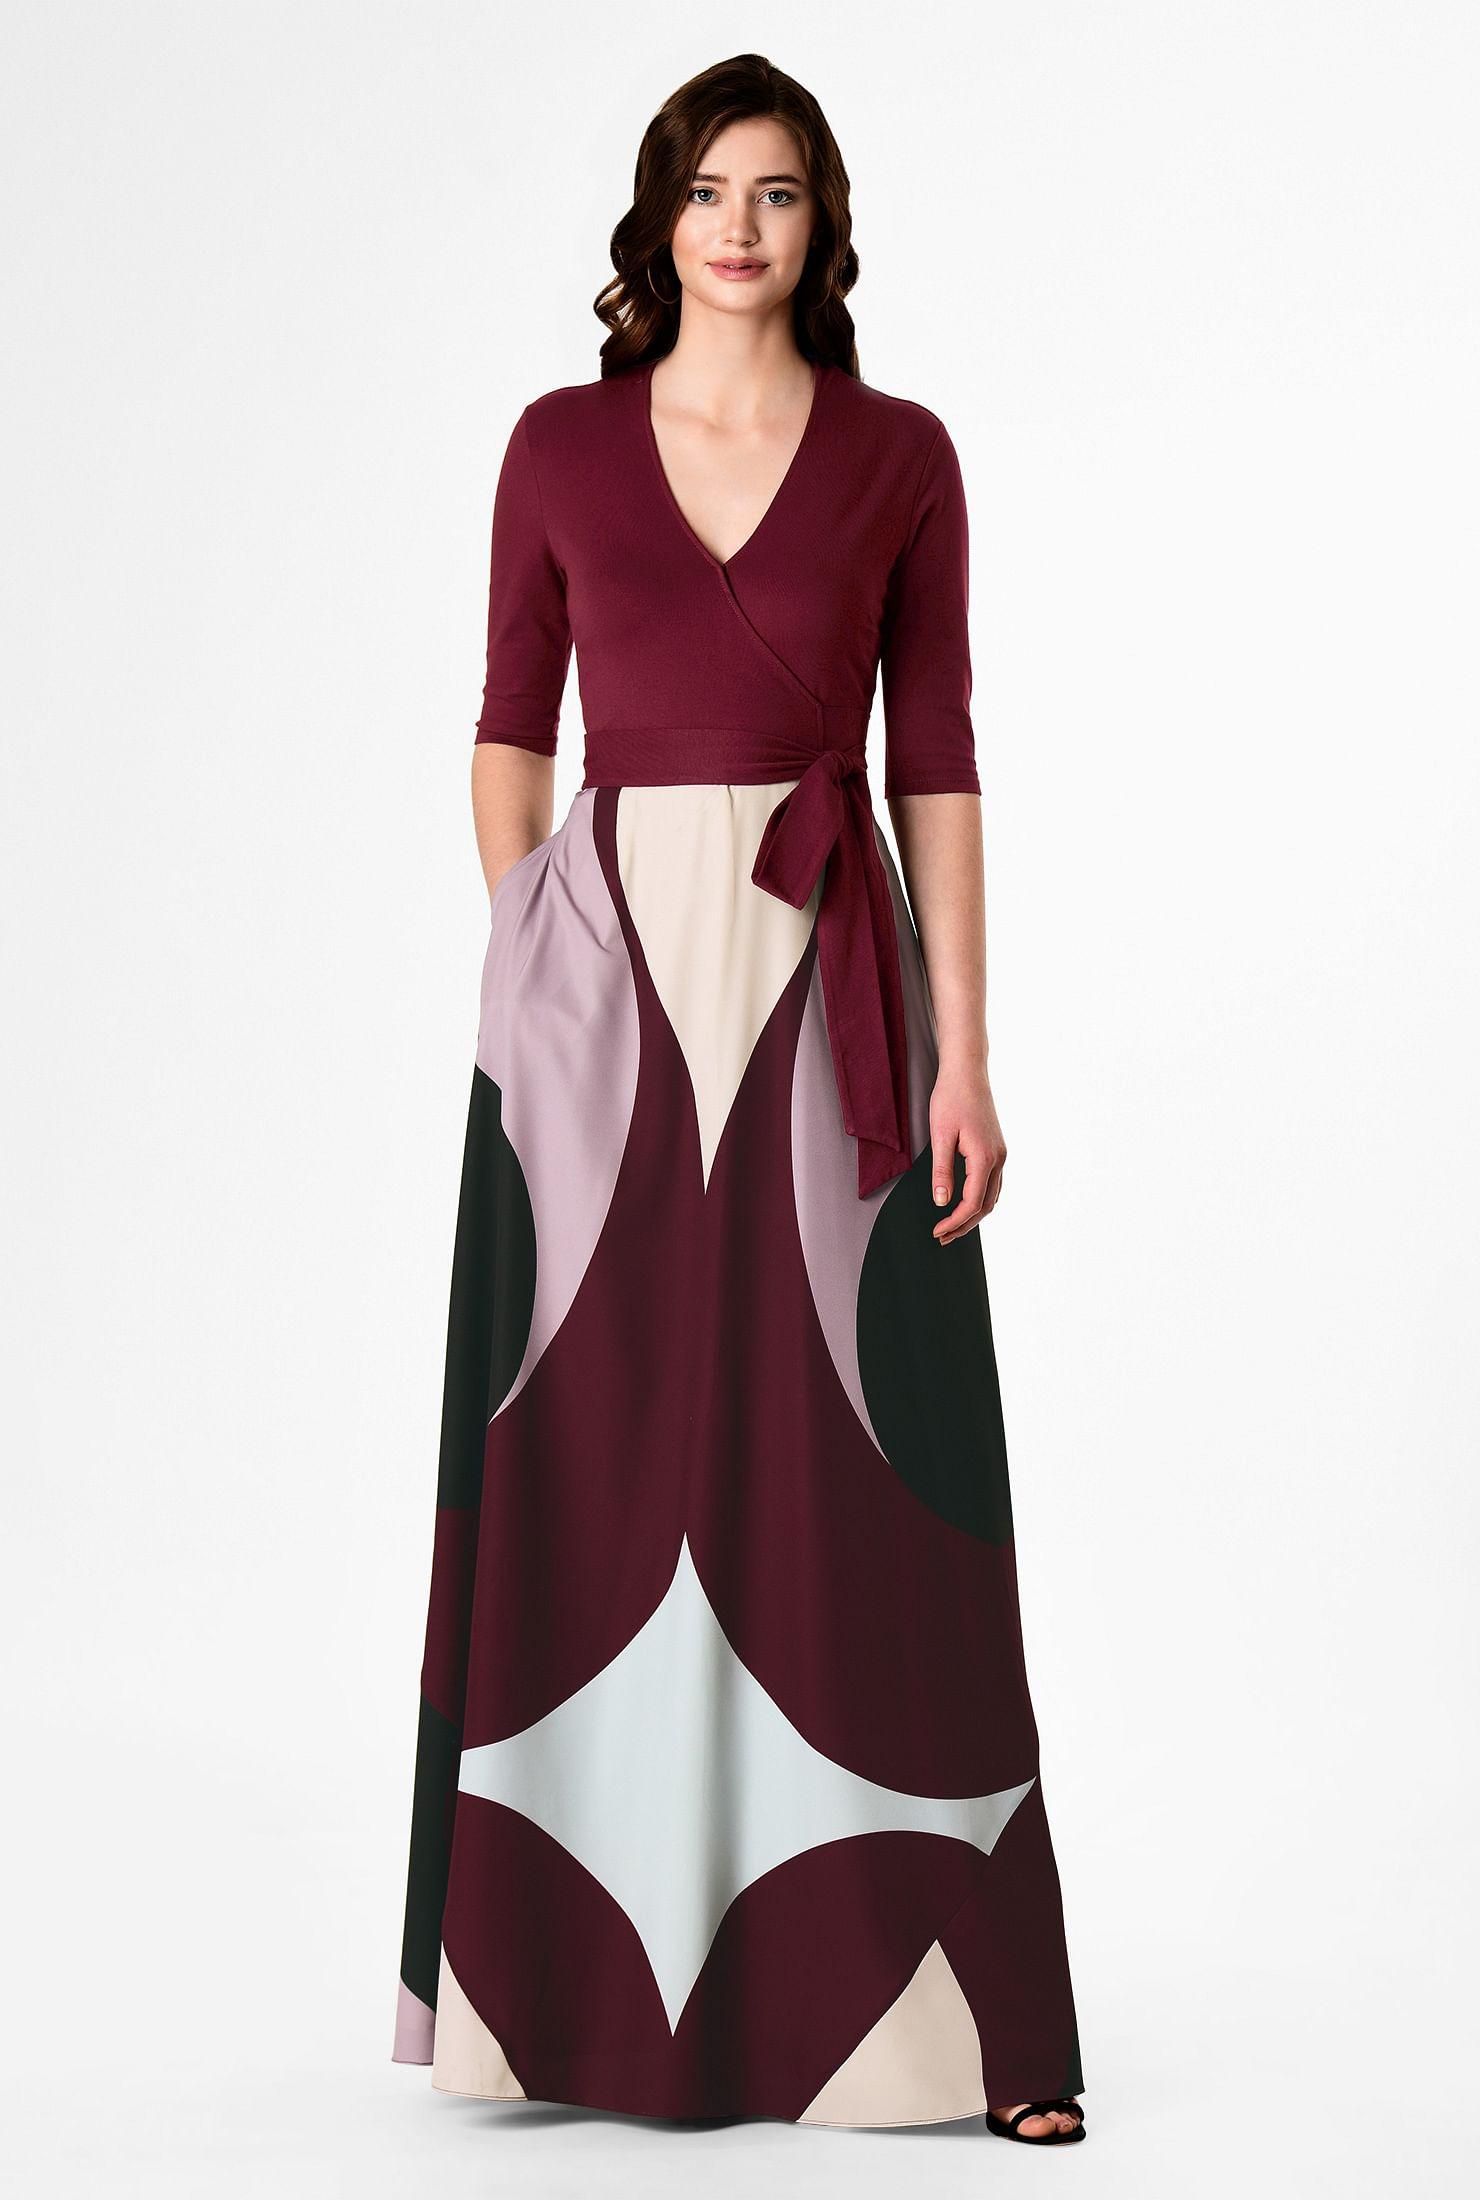 Graphic print mixed media maxi dress